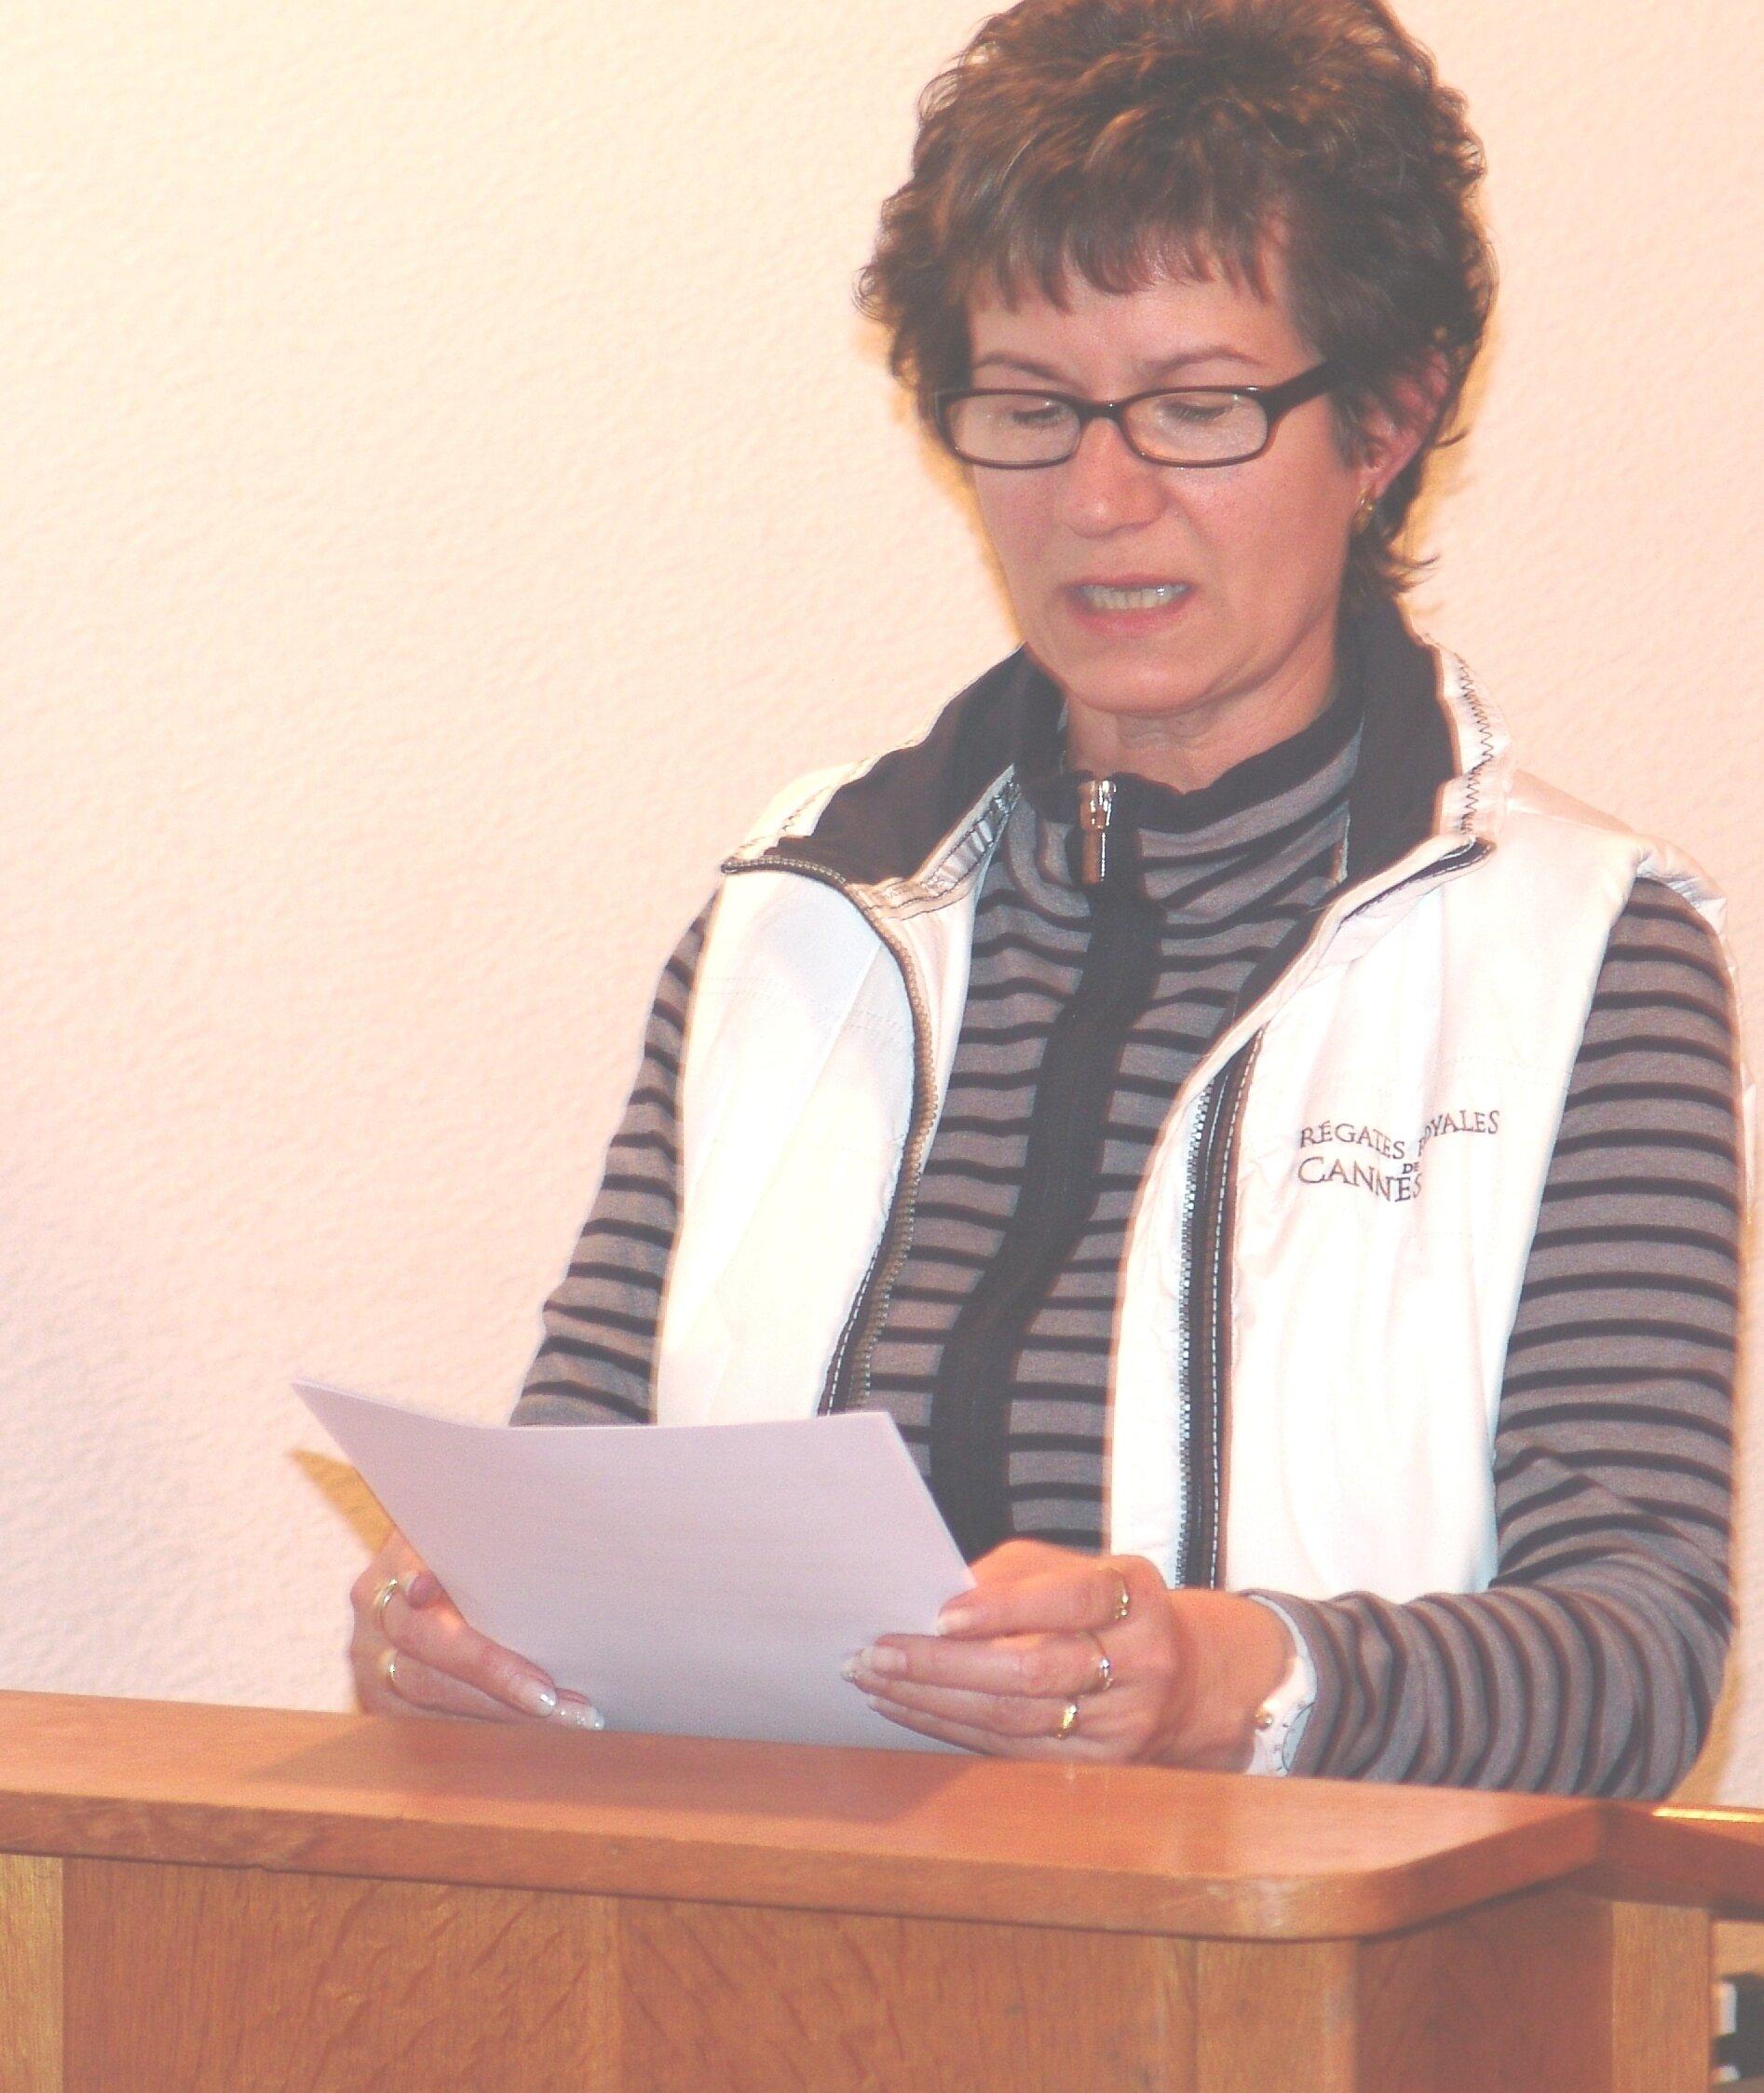 Gundel Nieder, Schatzmeisterin von 2001 - 2015, liest ihren Finanzbericht